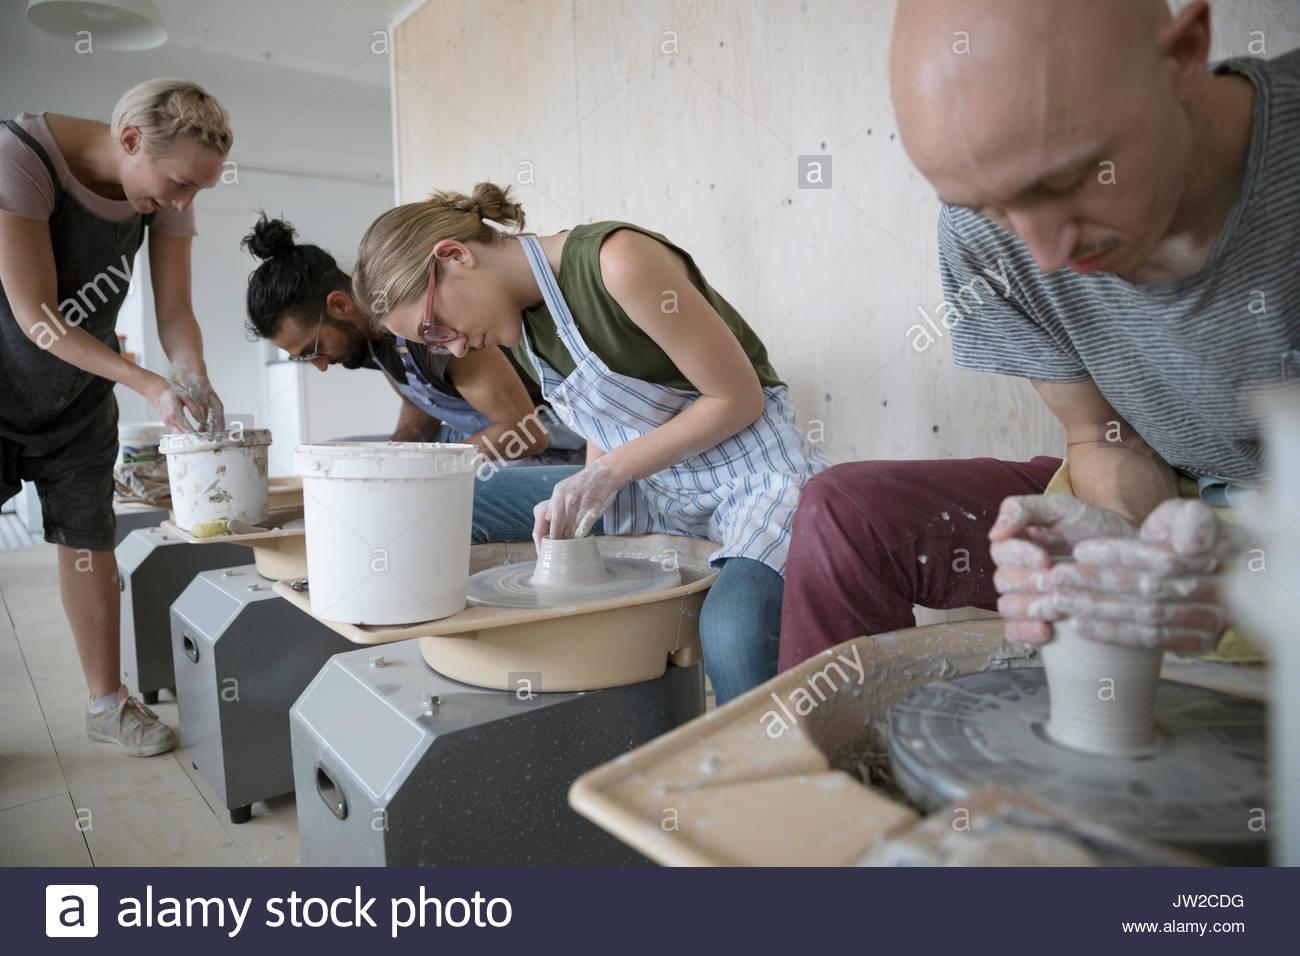 Pottery gli studenti ad apprendere come utilizzare ruote di ceramiche in art studio Immagini Stock